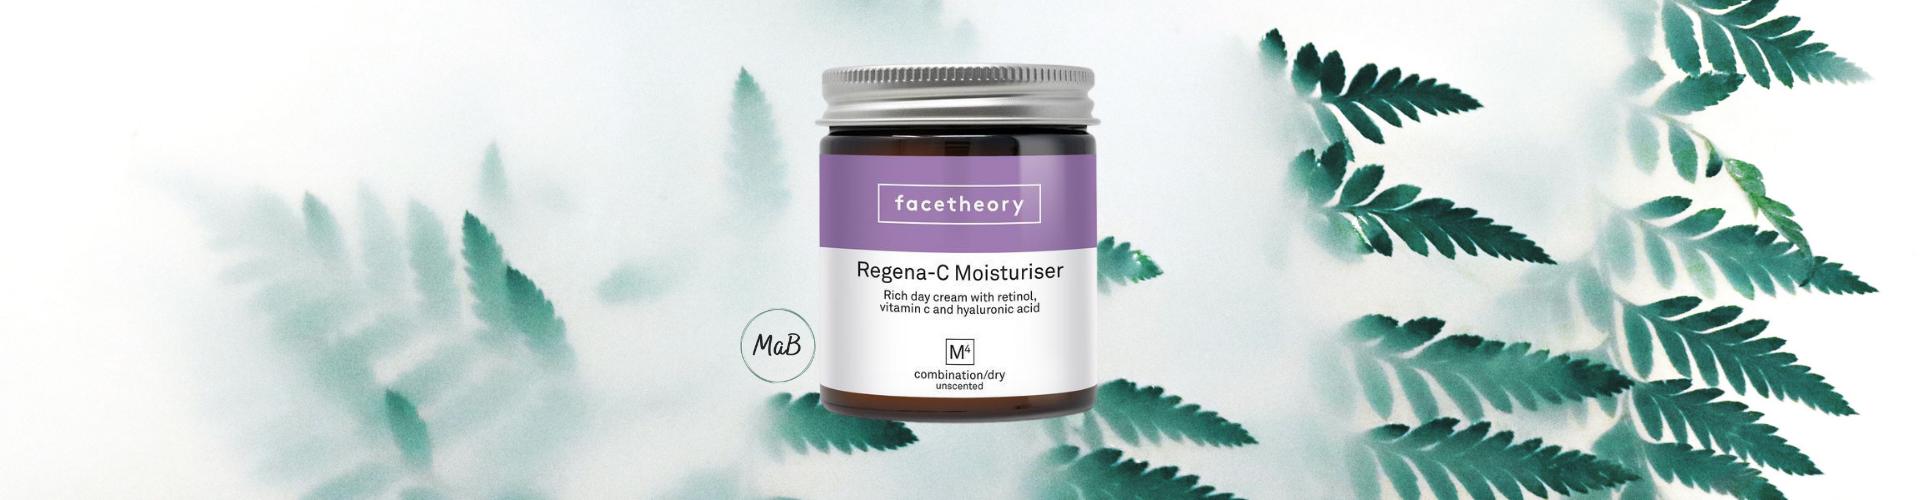 Facetheory moisturiser review - a photograph of a jar of regent-c M4 moisturiser over a natural background.